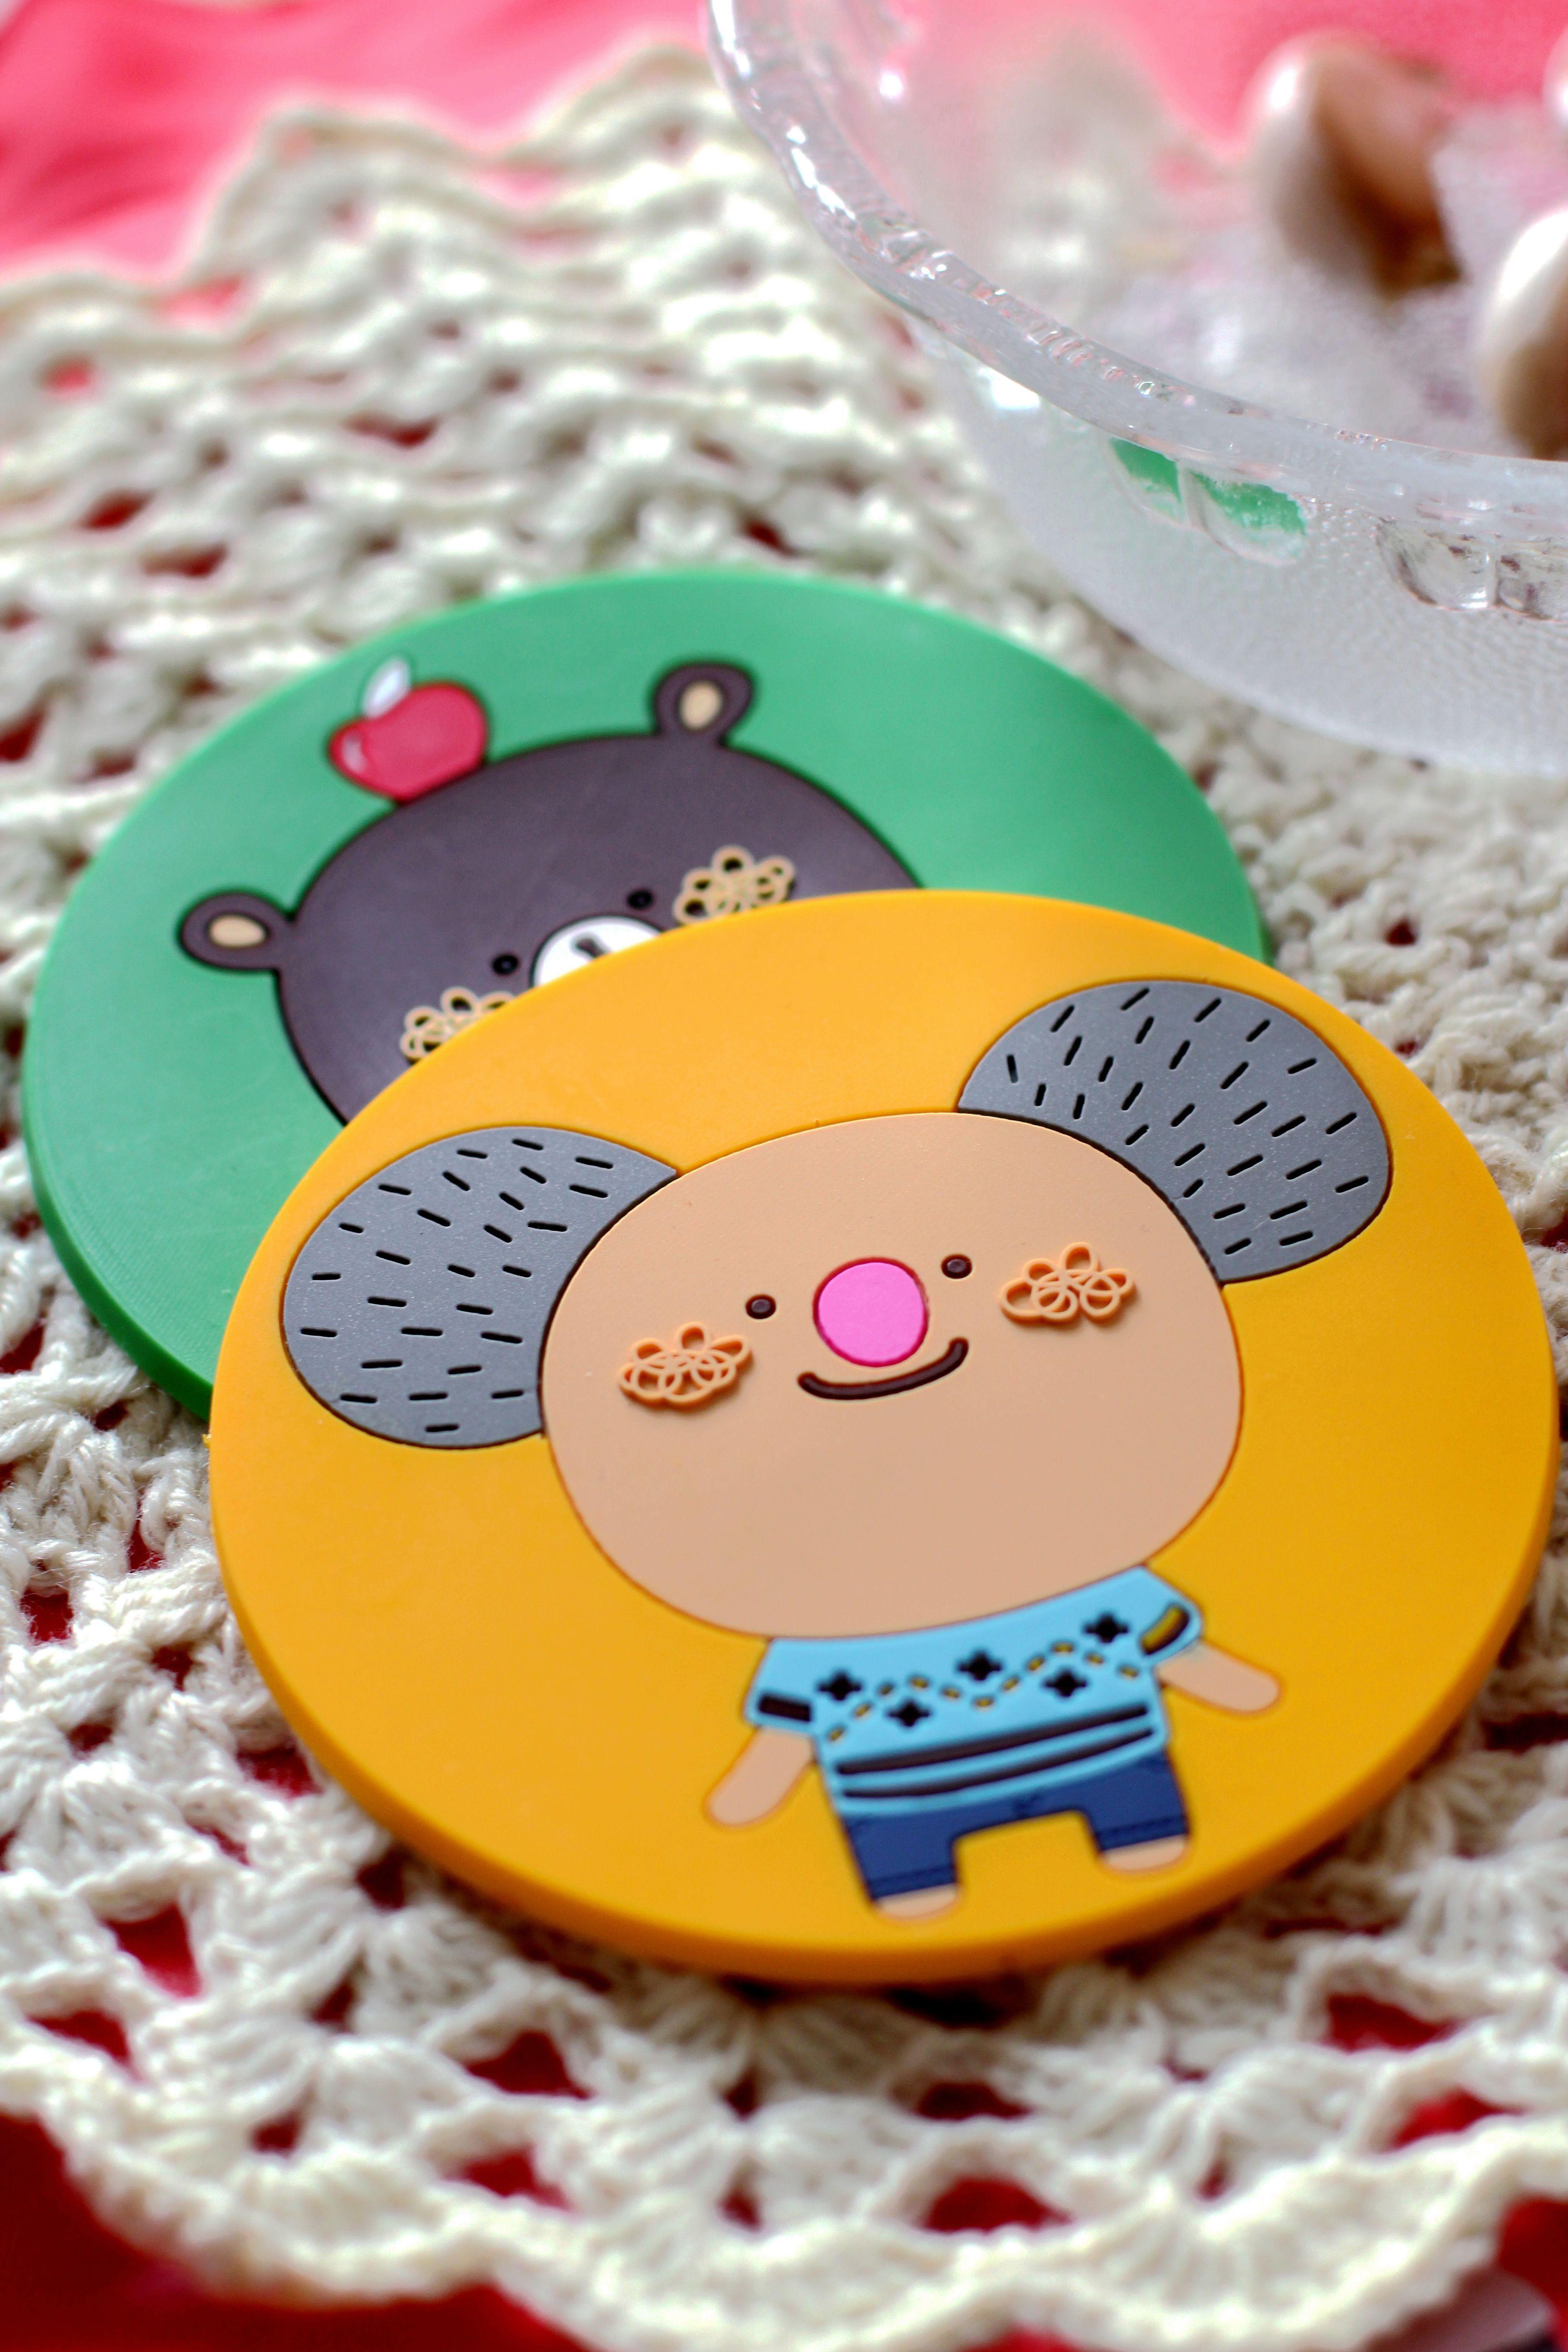 创意卡通杯垫,超q,超萌的小动物,用起来心情好好哦~超